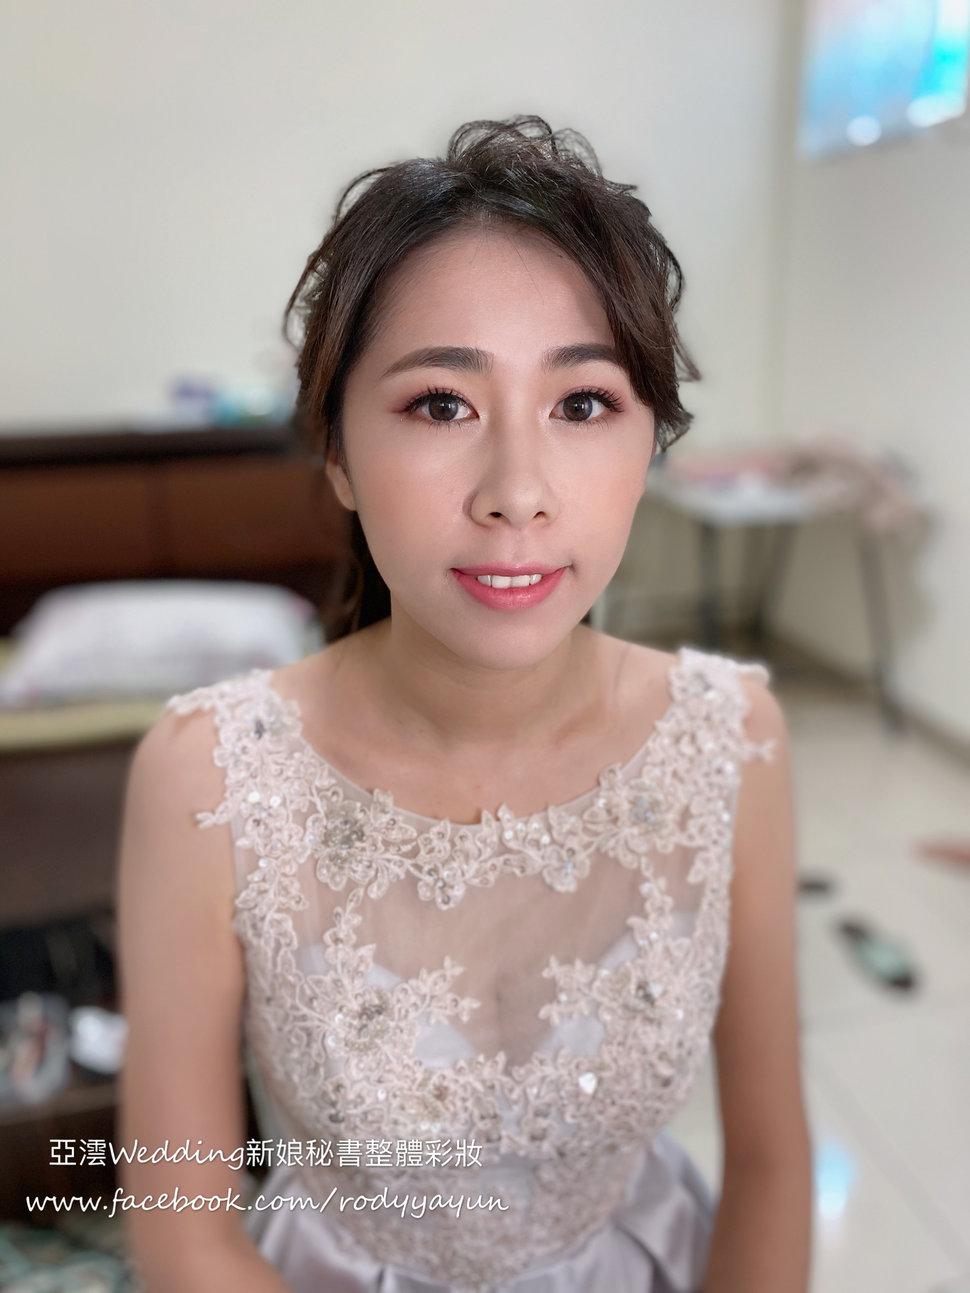 273E05E0-E815-4EDF-A3D8-50D3100821B8 - 亞澐 Wedding 新娘秘書 整體彩妝《結婚吧》